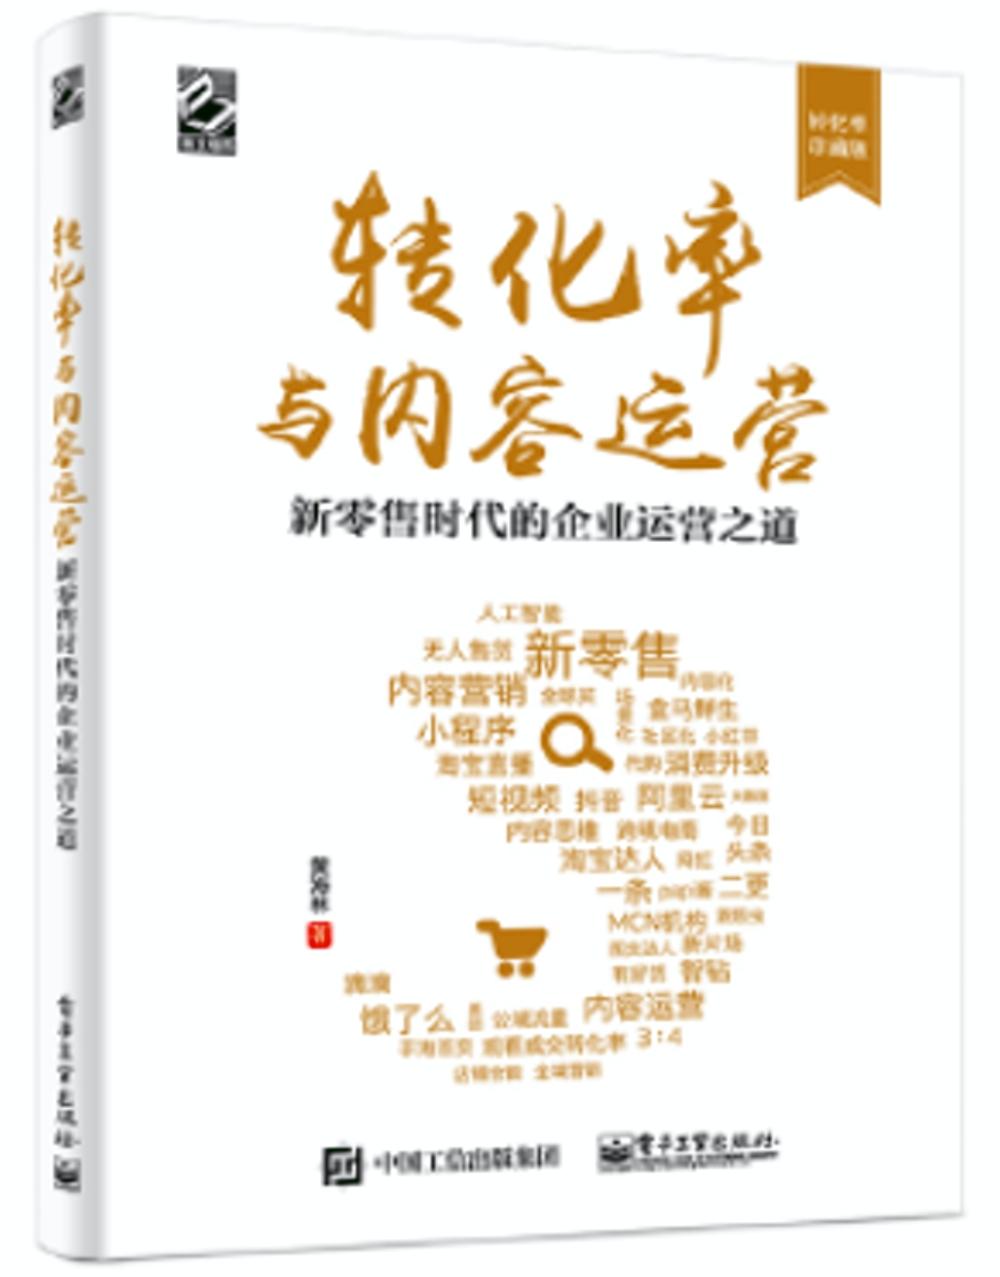 轉化率與內容運營:新零售時代的企業運營之道(轉化率珍藏版)